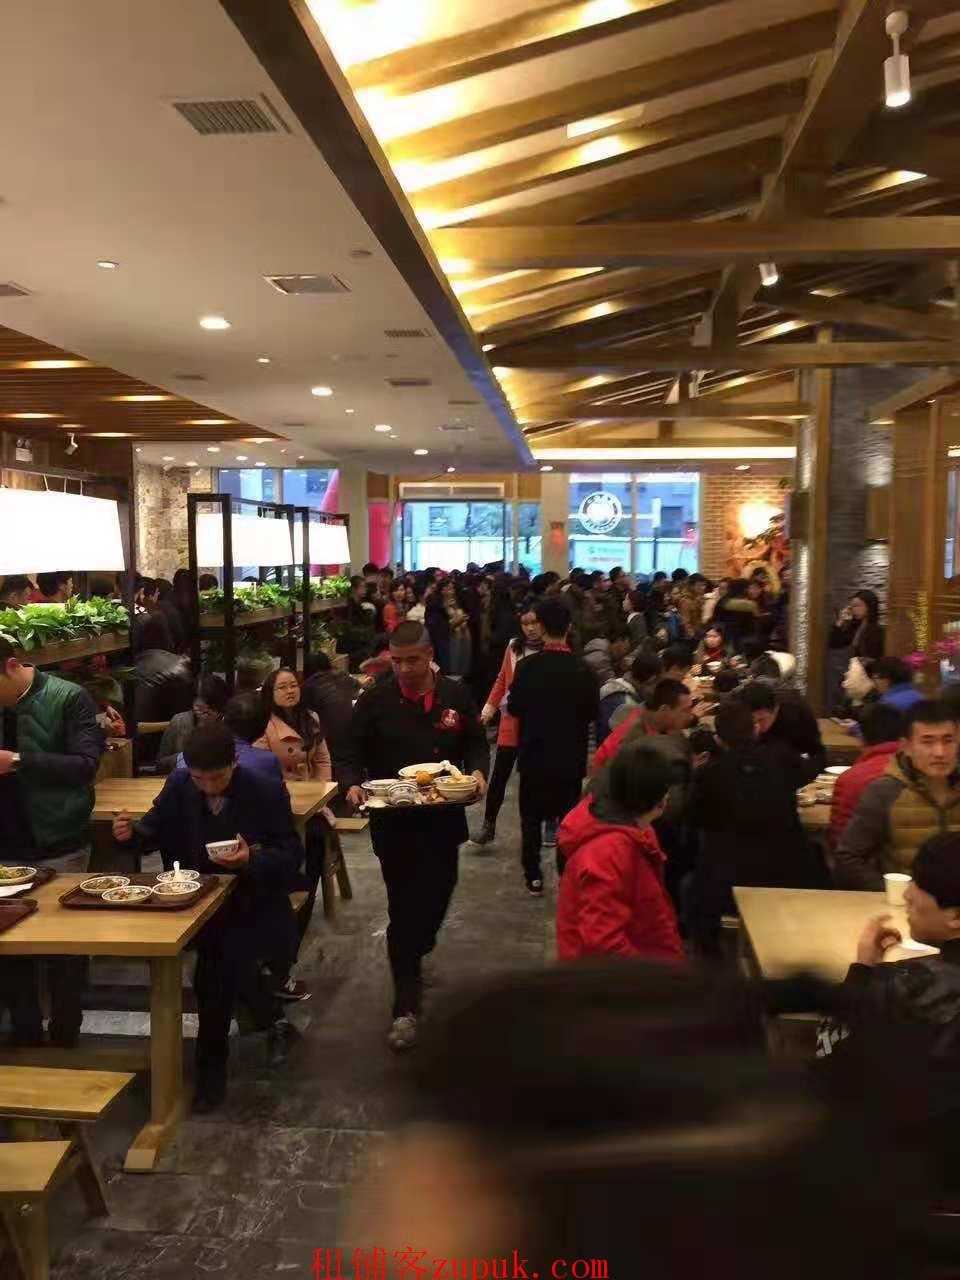 浙大紫金港沿街重餐饮商铺适合奶茶炸鸡汉堡 执照齐全